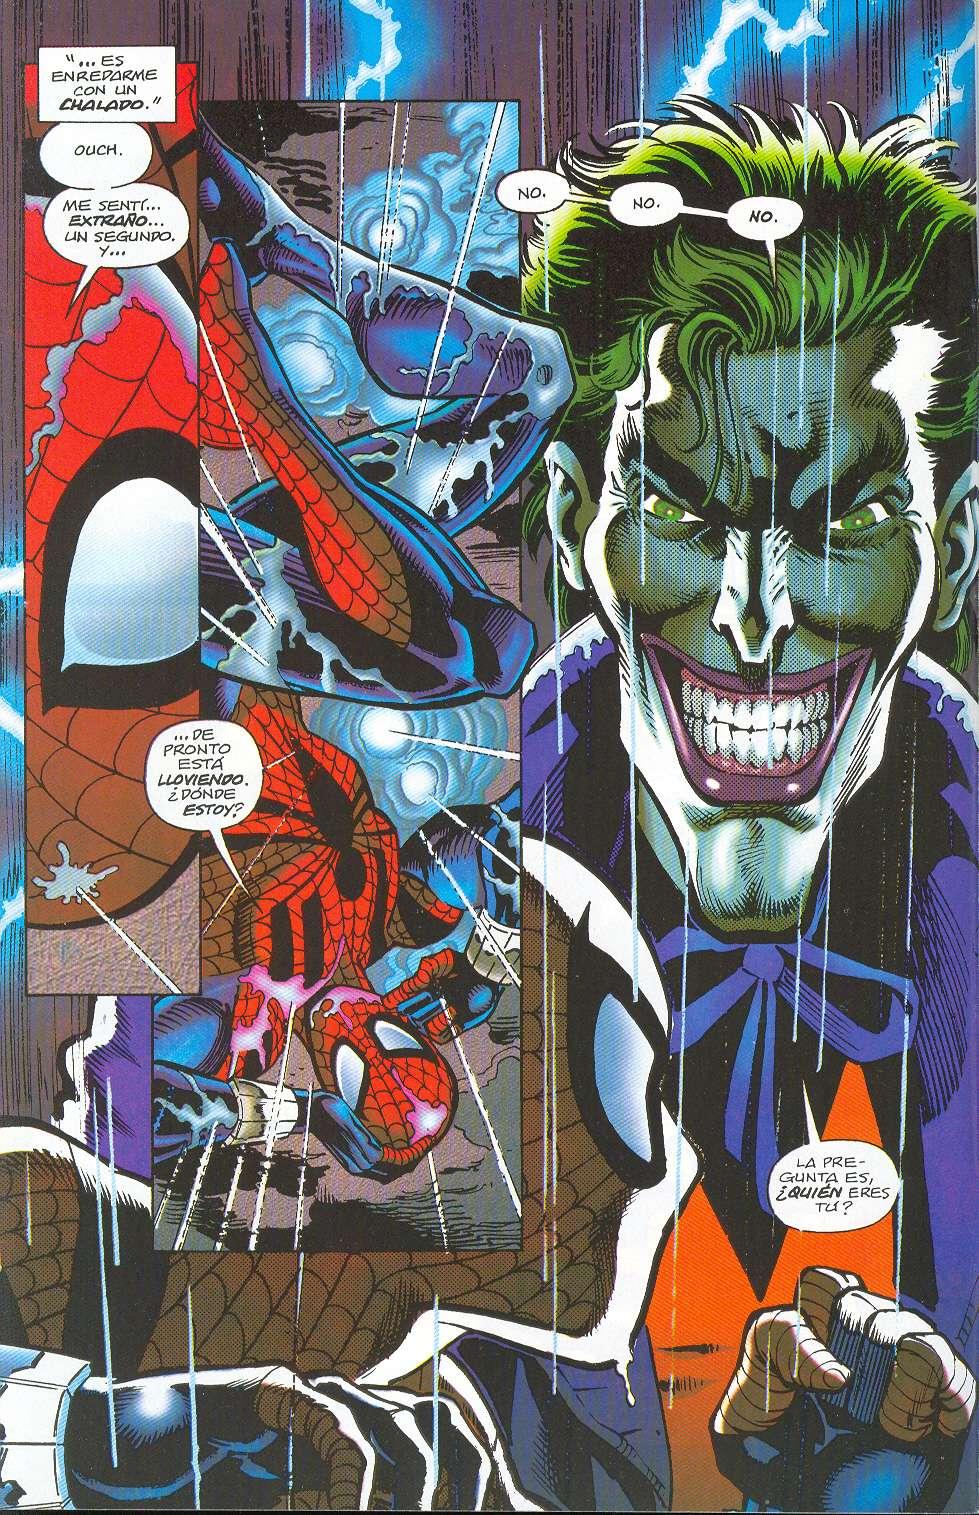 C mic x click marvel vs dc comics espa ol comic mega - Marvel spiderman comics pdf ...